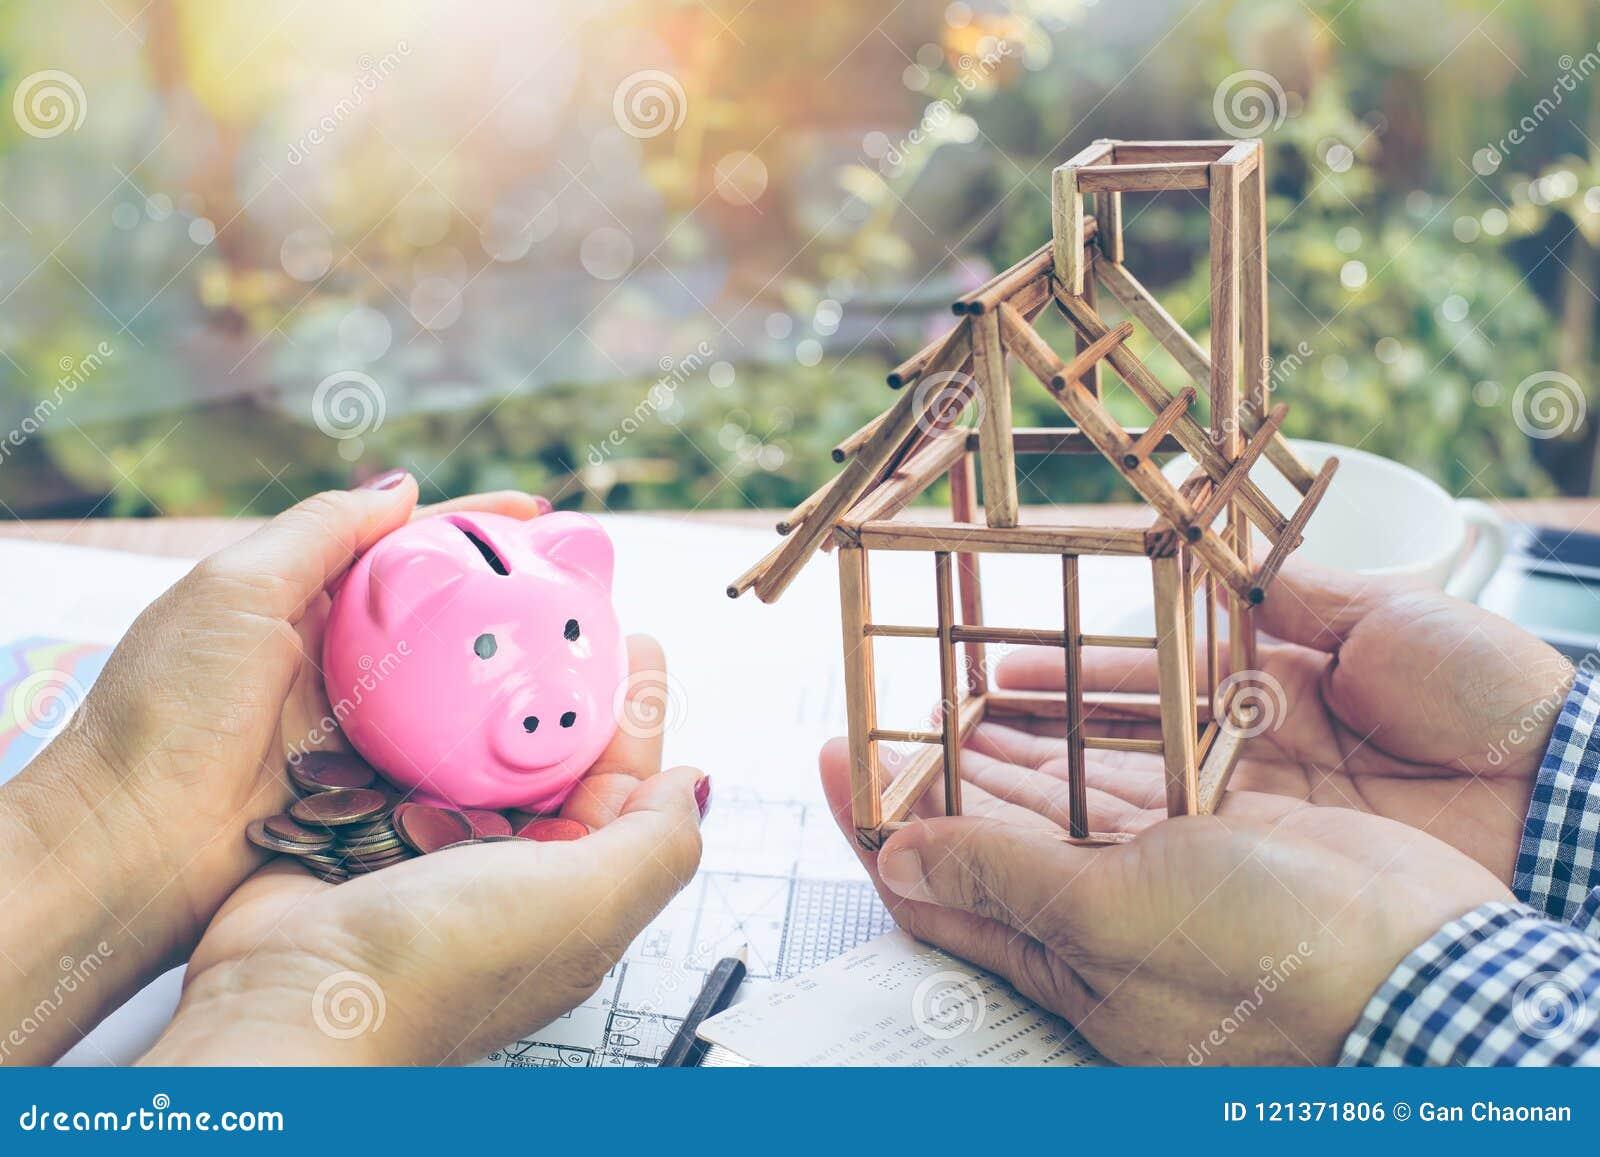 La mano di una donna che tiene un porcellino salvadanaio e una moneta nella sua mano e nelle mani degli uomini che stanno tenendo